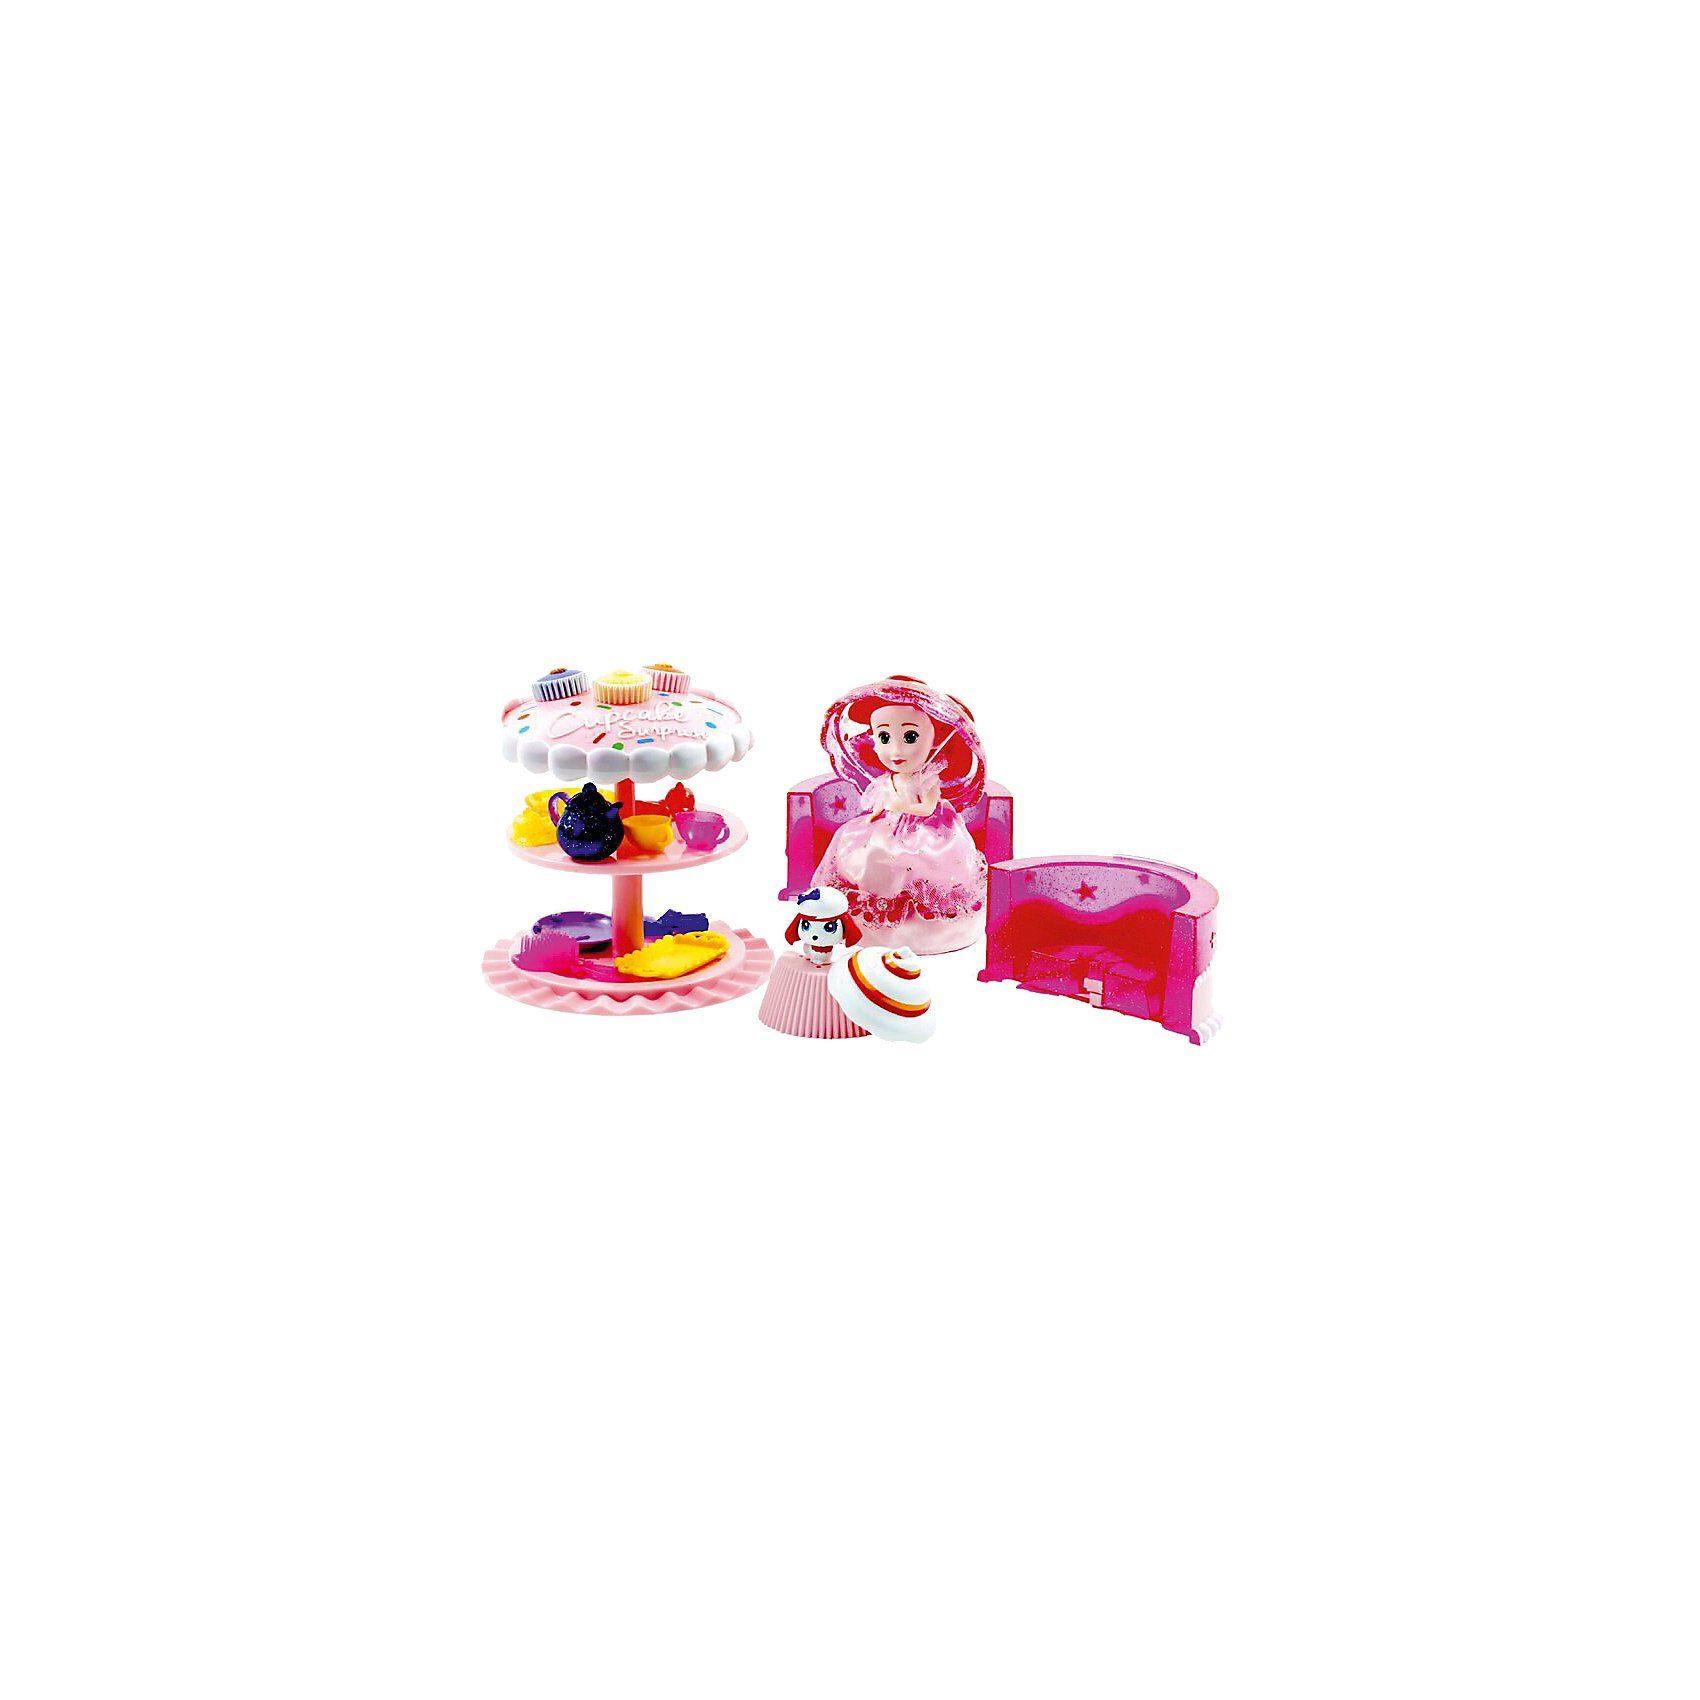 BOTI Cupcake Surprise Playset - Cake